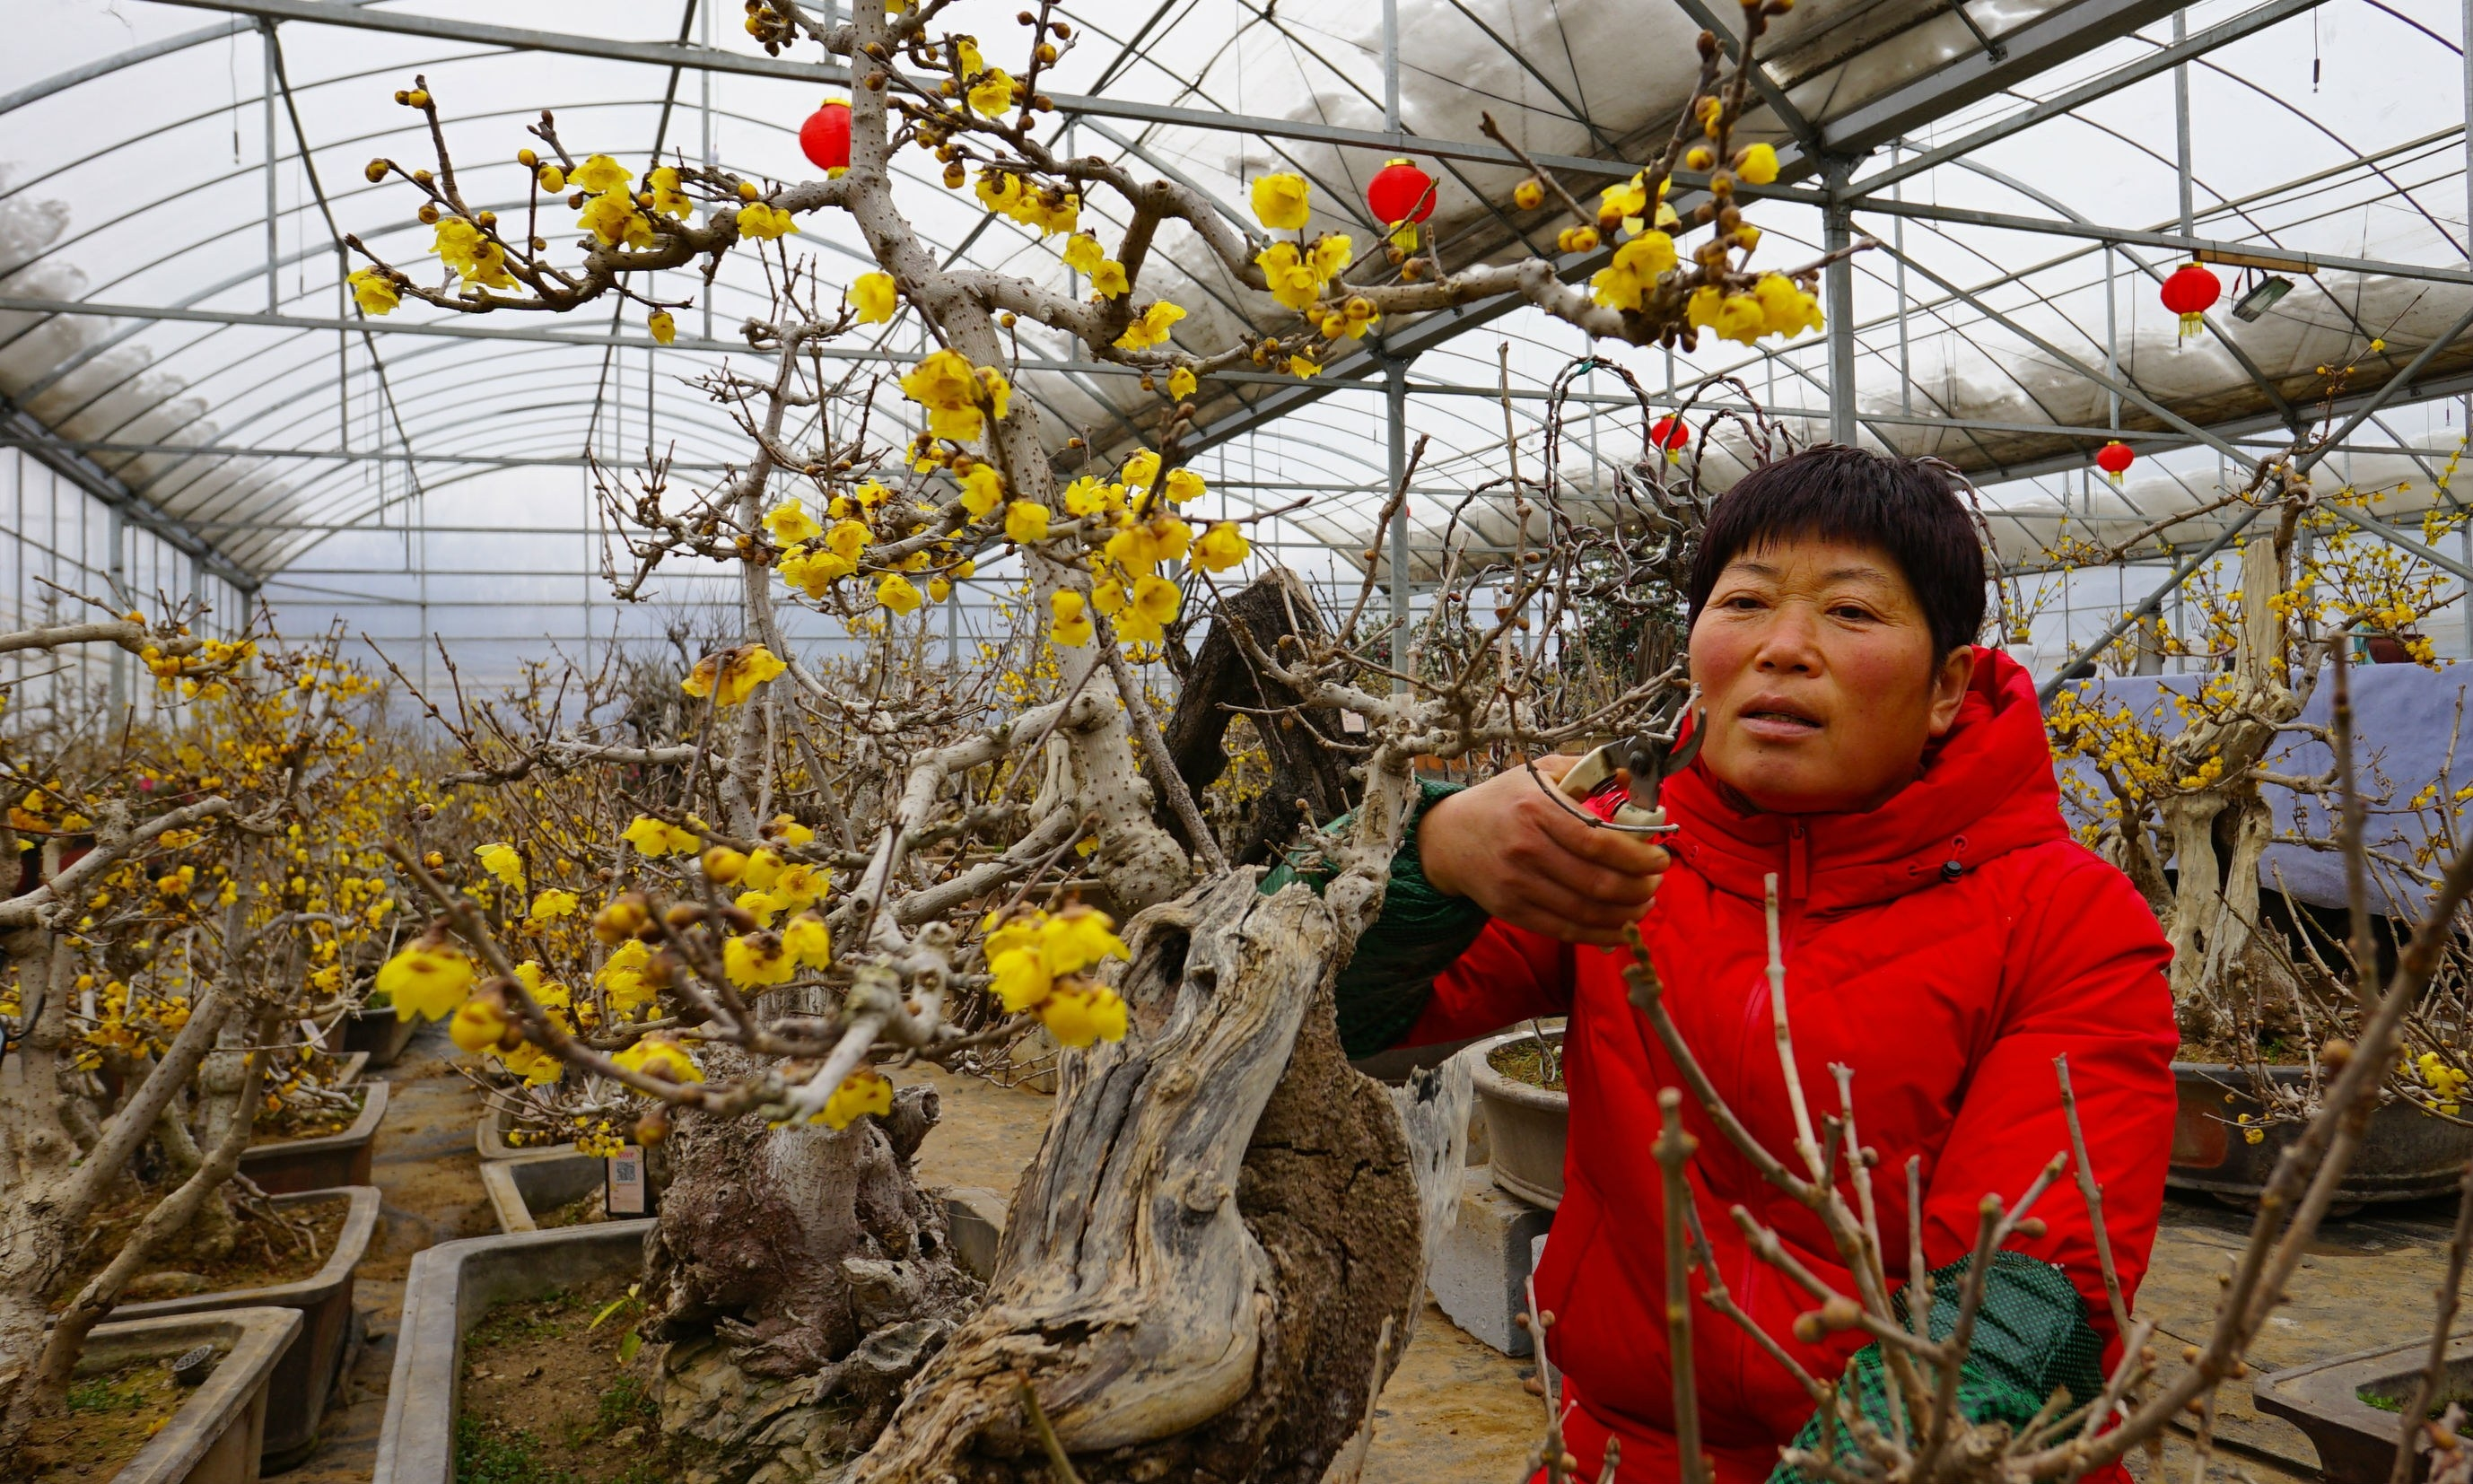 鄢陵县发展特色花卉种植产业,助力农民增收